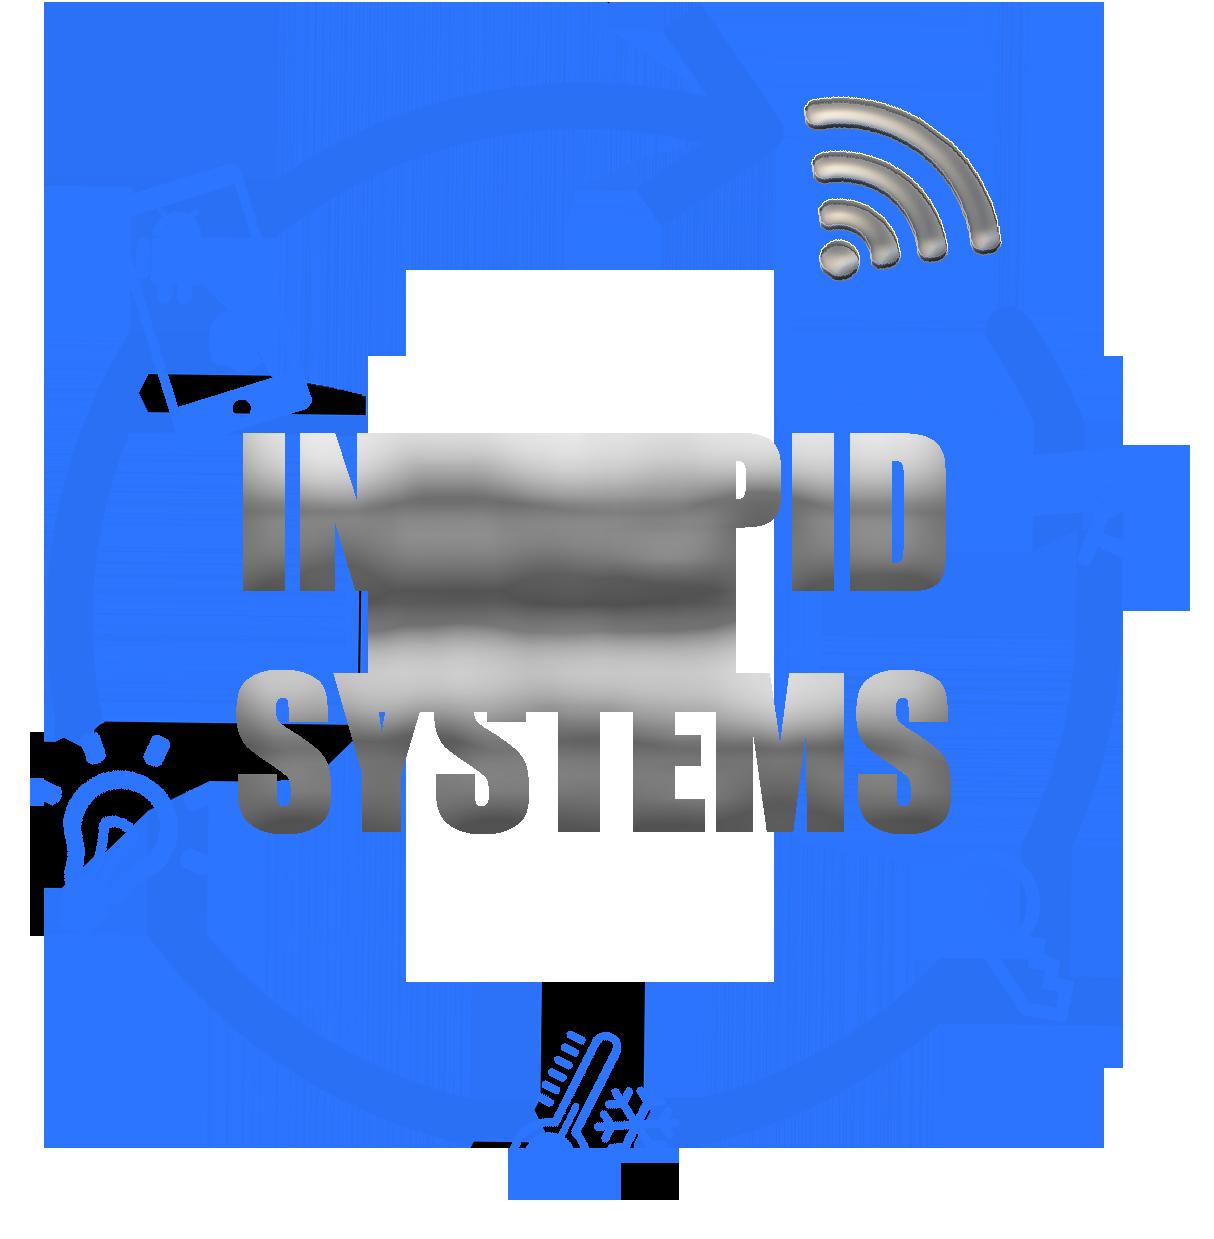 Intrepid Systems LLC